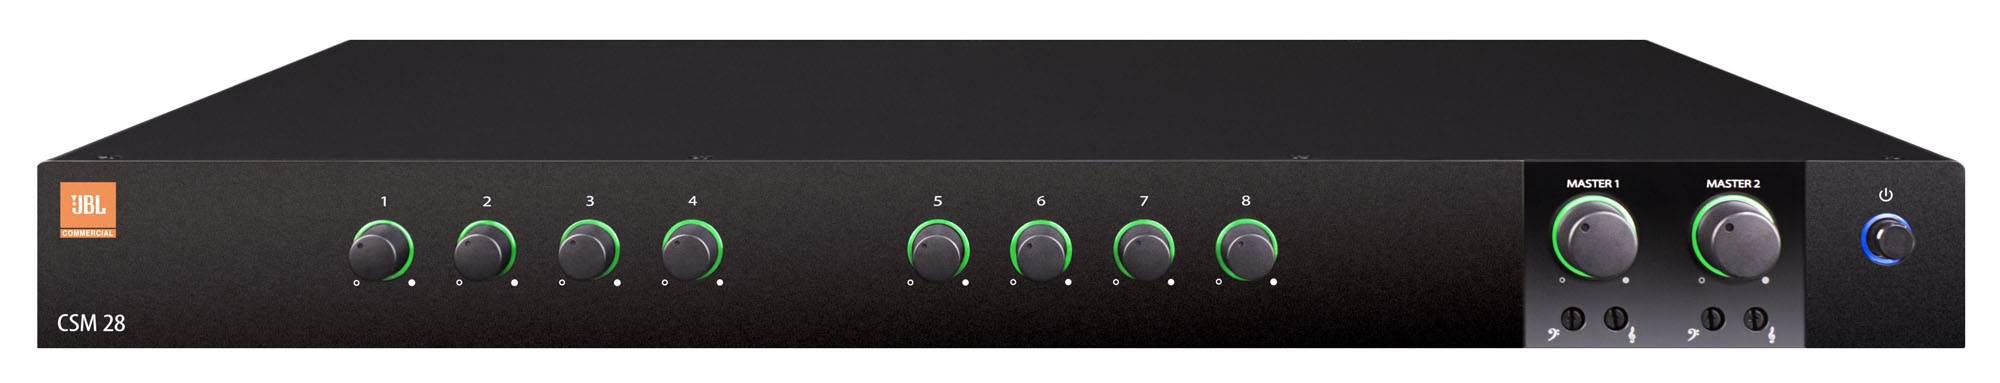 میکسر و پری آمپ آنالوگ محصول کمپانی JBL ( جی بی ال ) مدل CSM 28